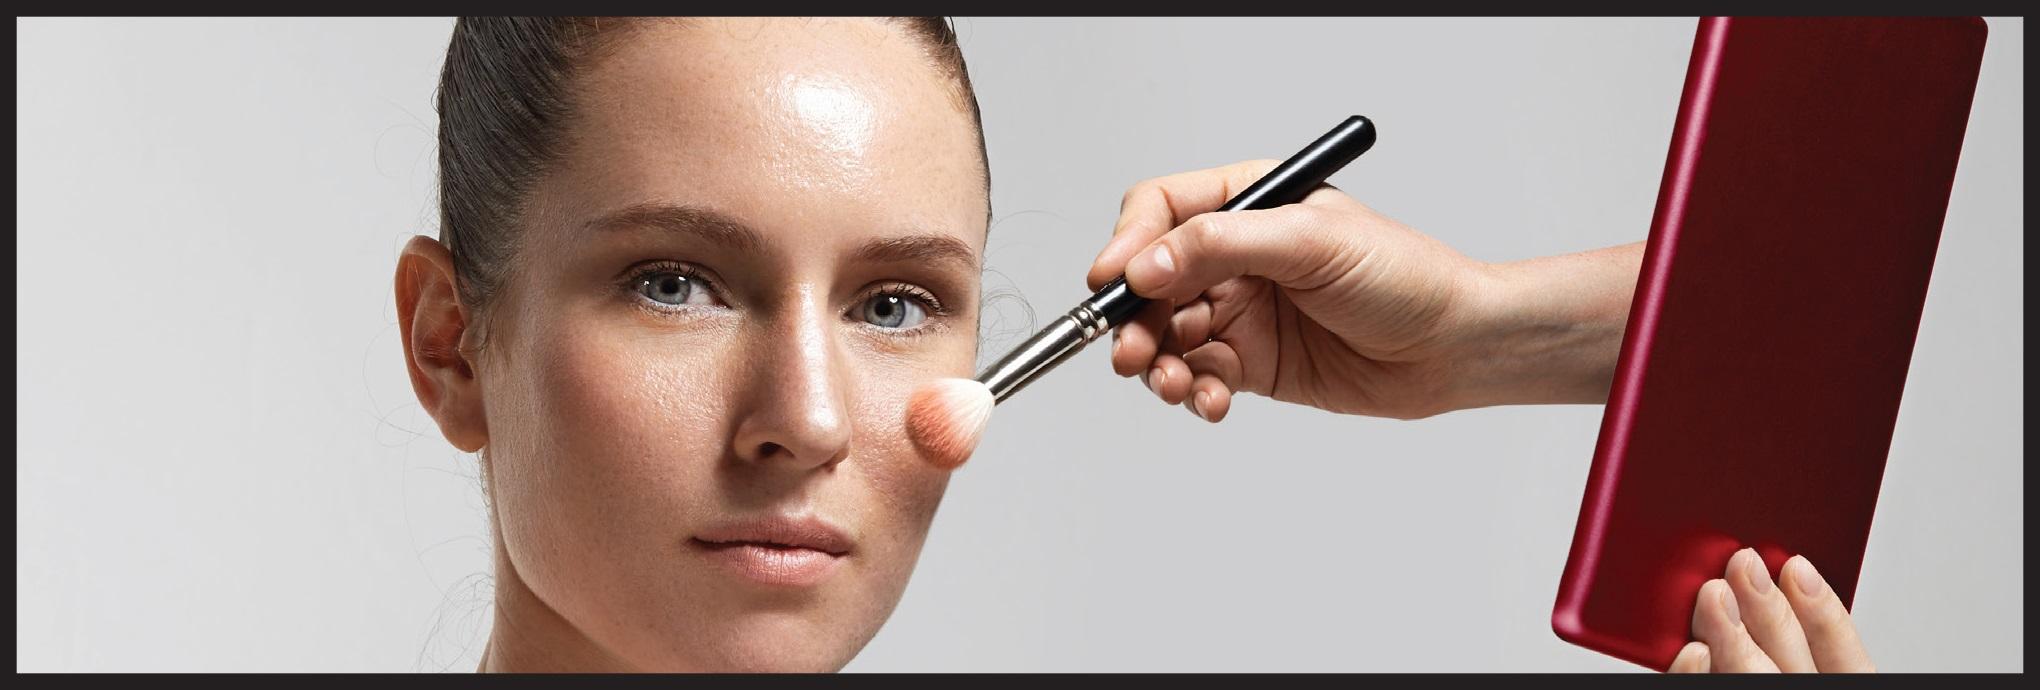 Women's Marketing Beauty Trends 2016